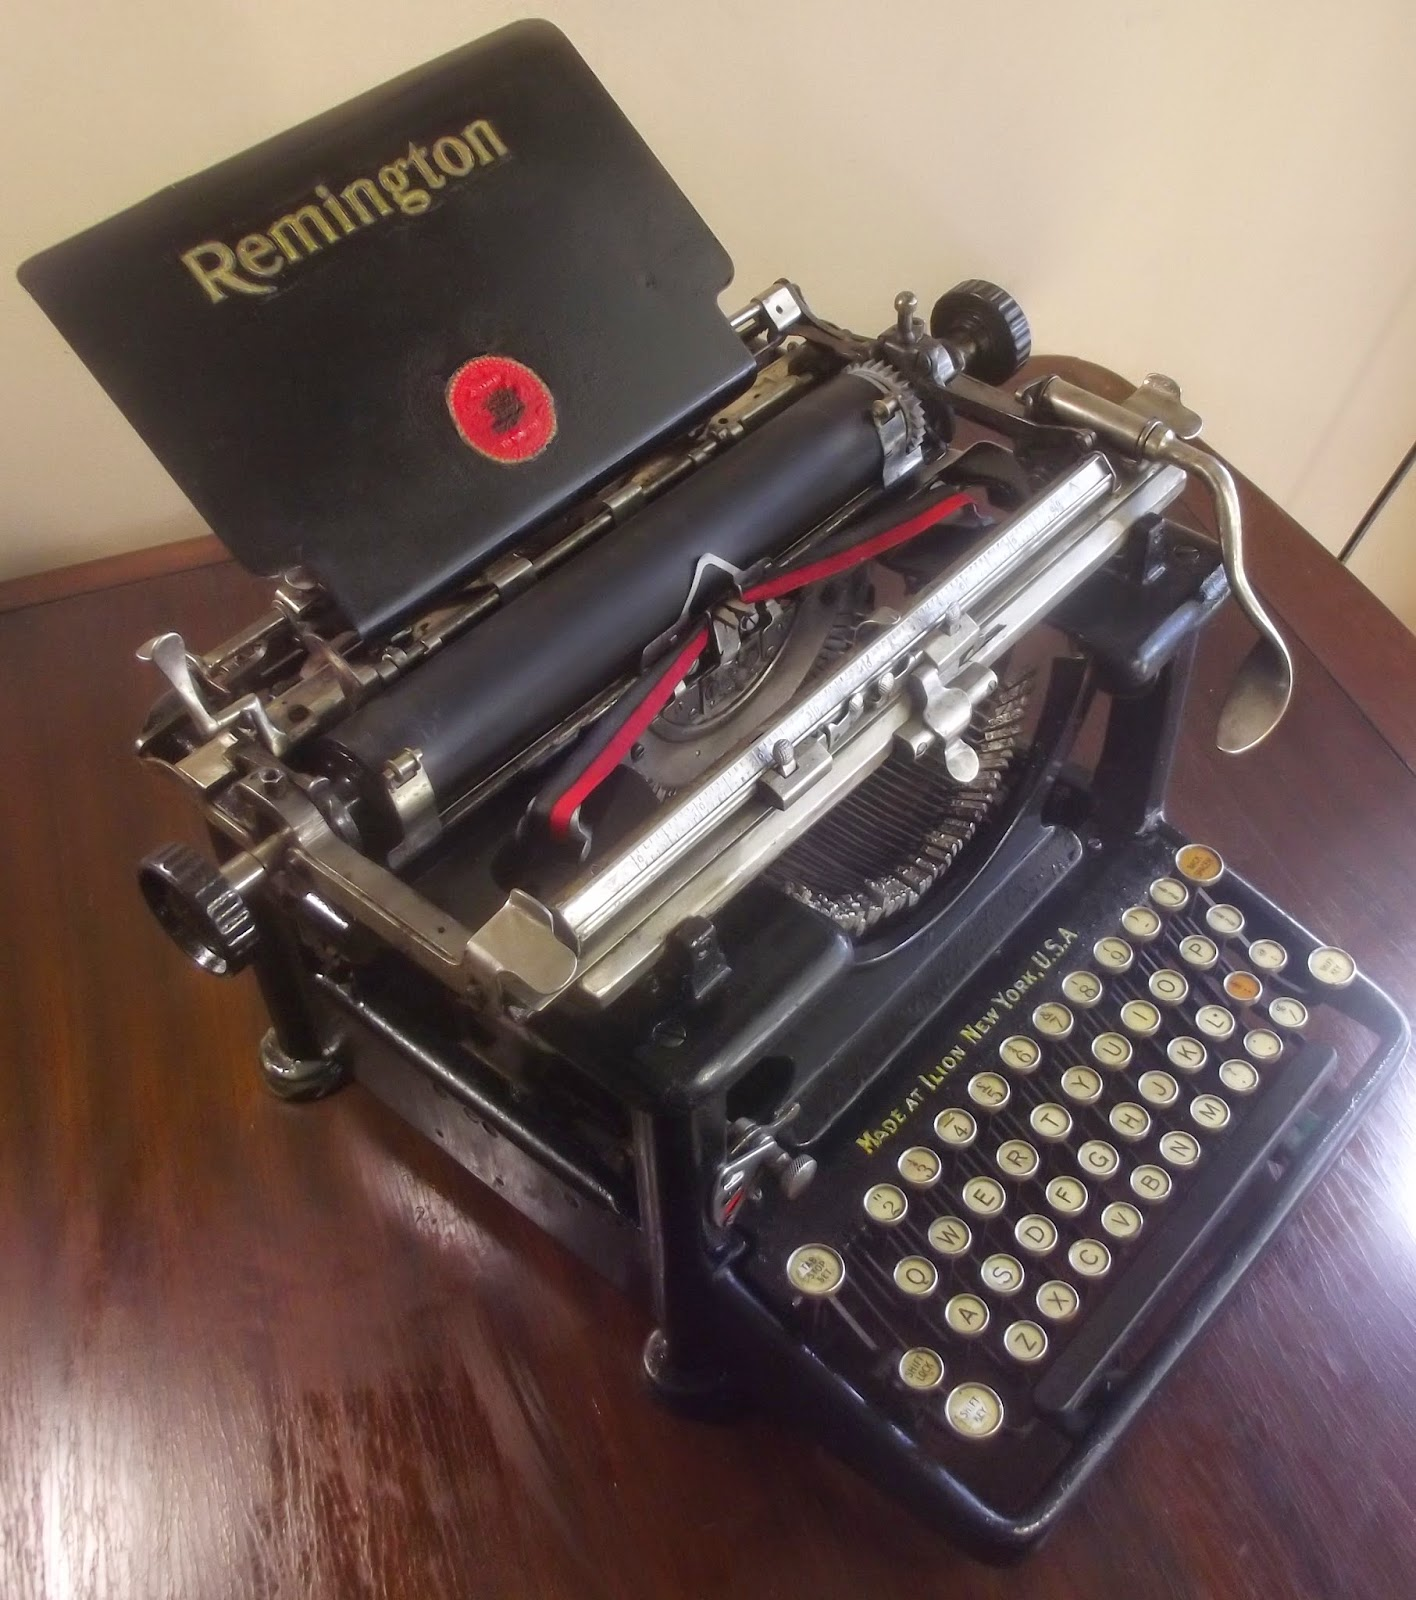 oz.Typewriter: Typewriter Update